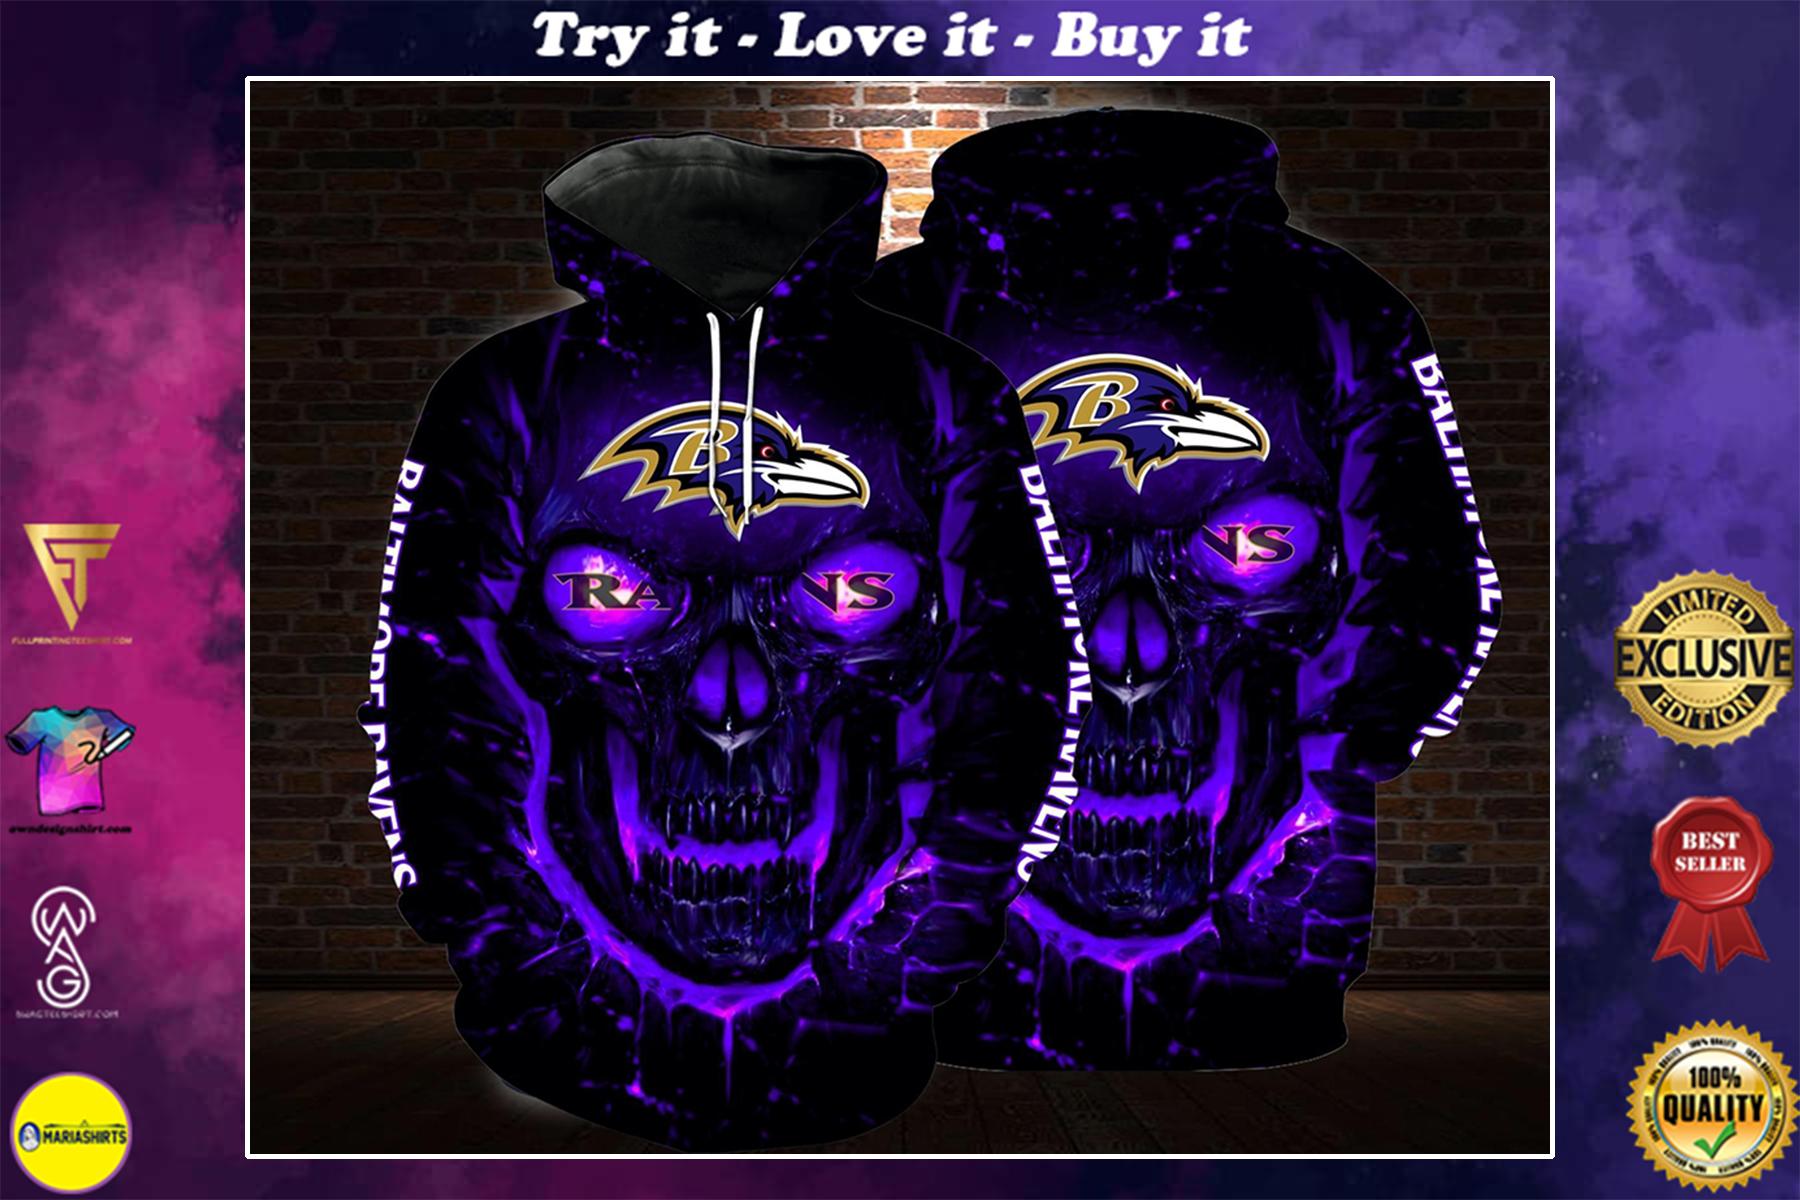 [highest selling] lava skull baltimore ravens football team full over printed shirt - maria